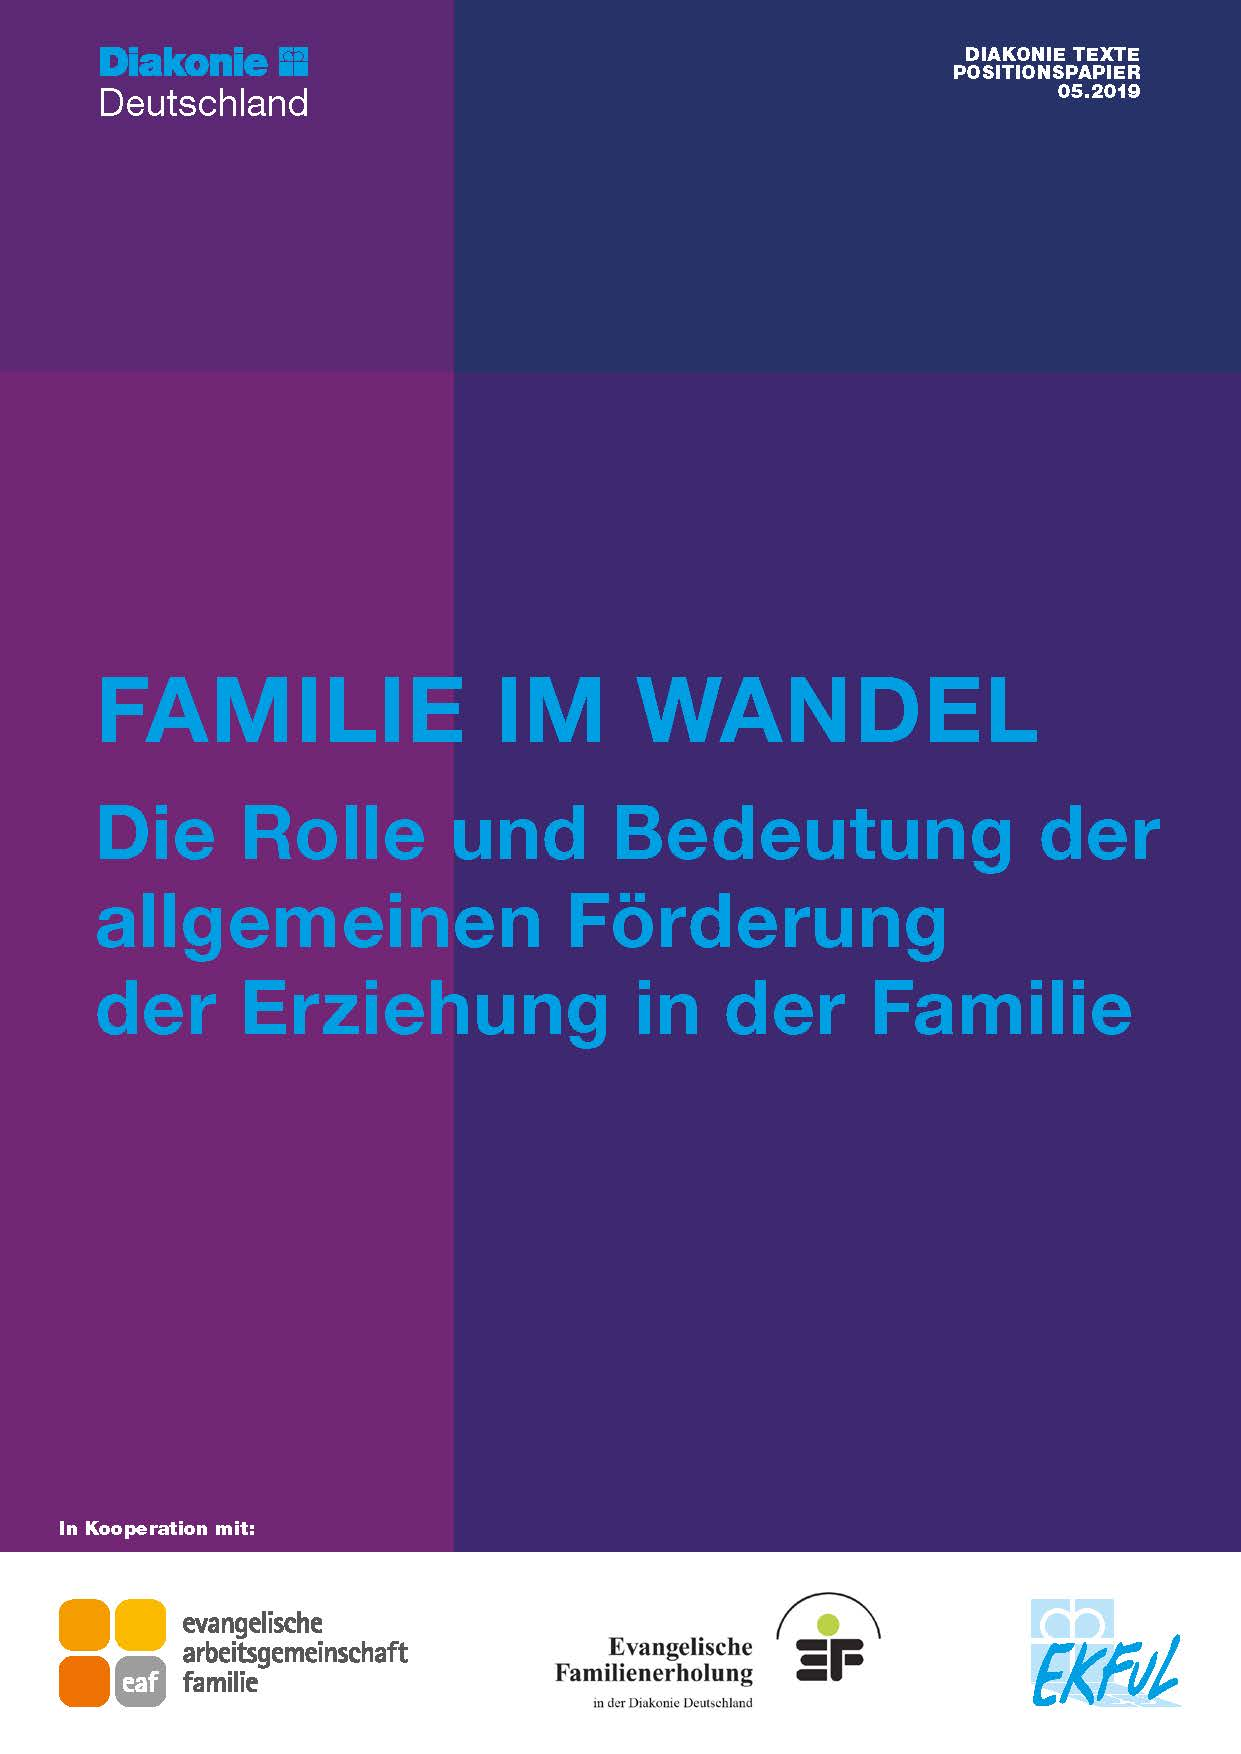 Diakonie Texte 05.2019: Familie im Wandel